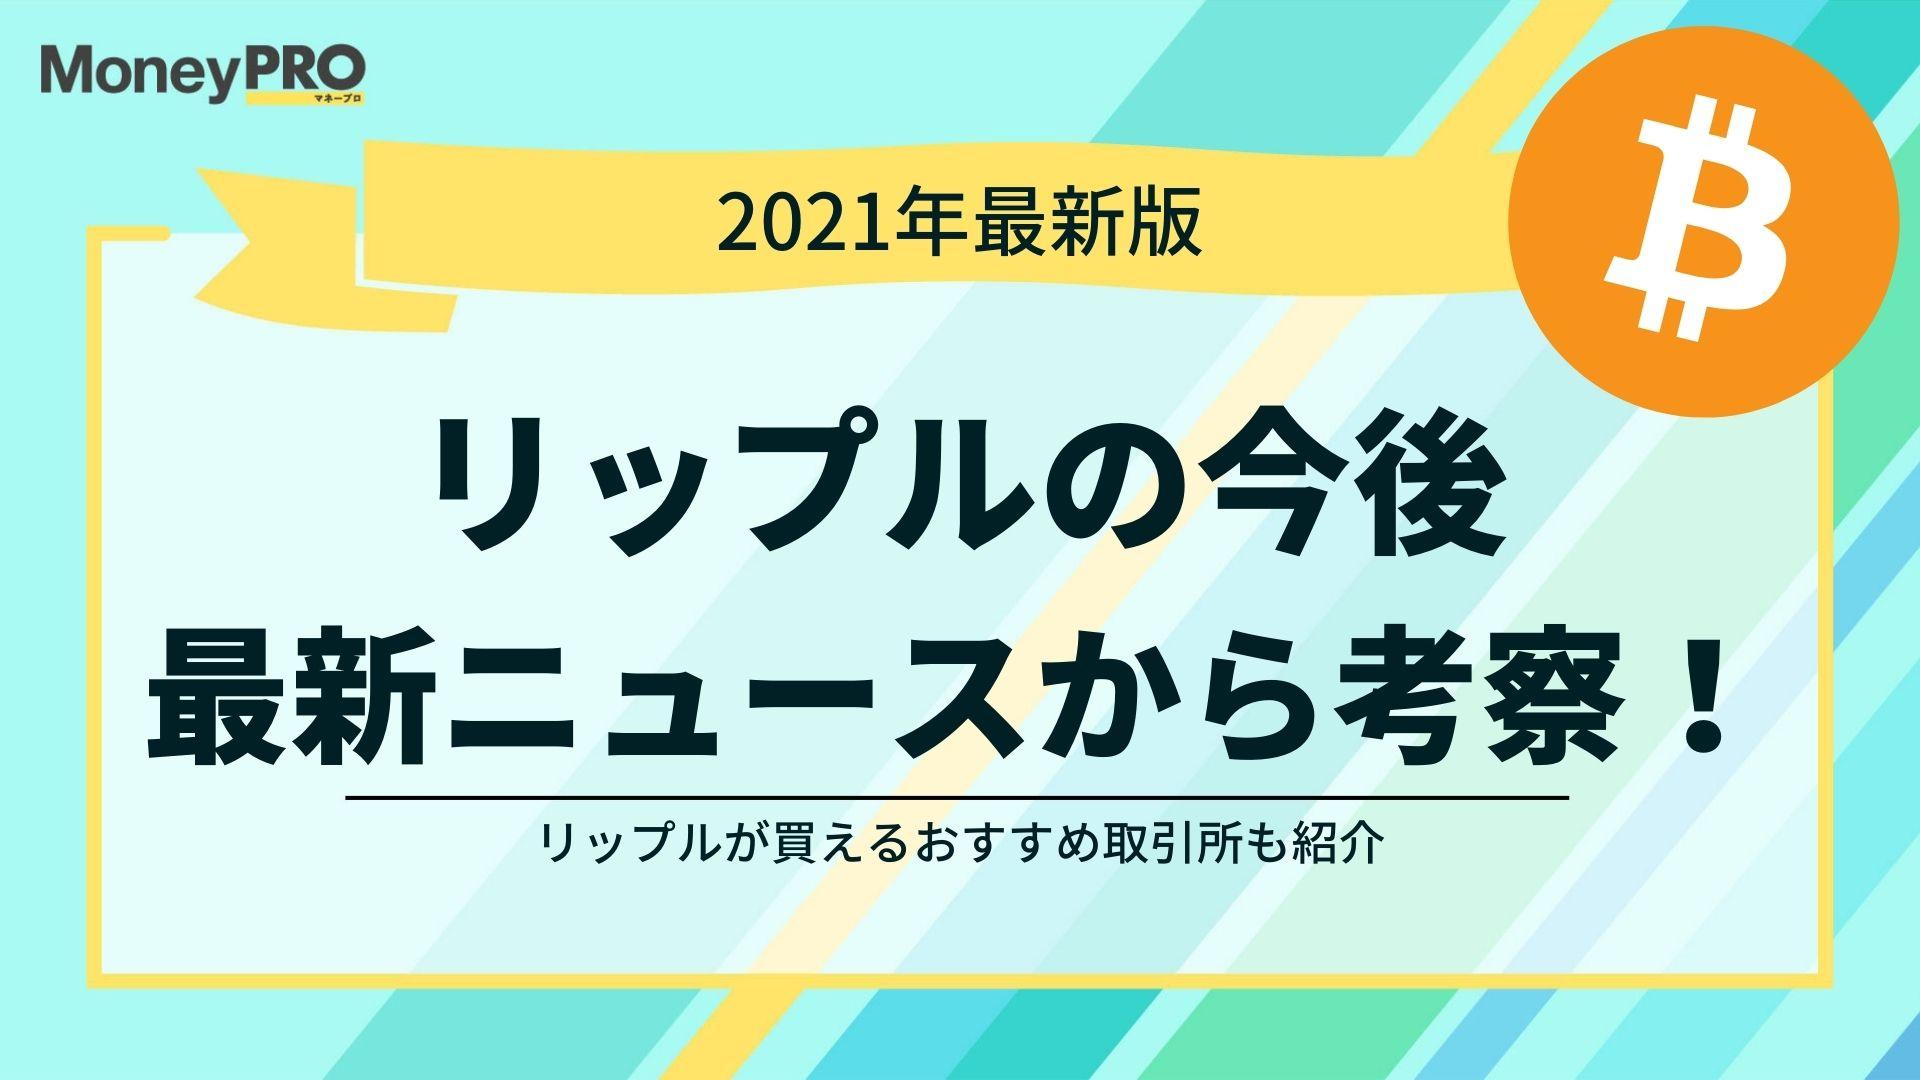 リップル(XRP/ripple)今後の見通しを予想|2021最新ニュースまとめ